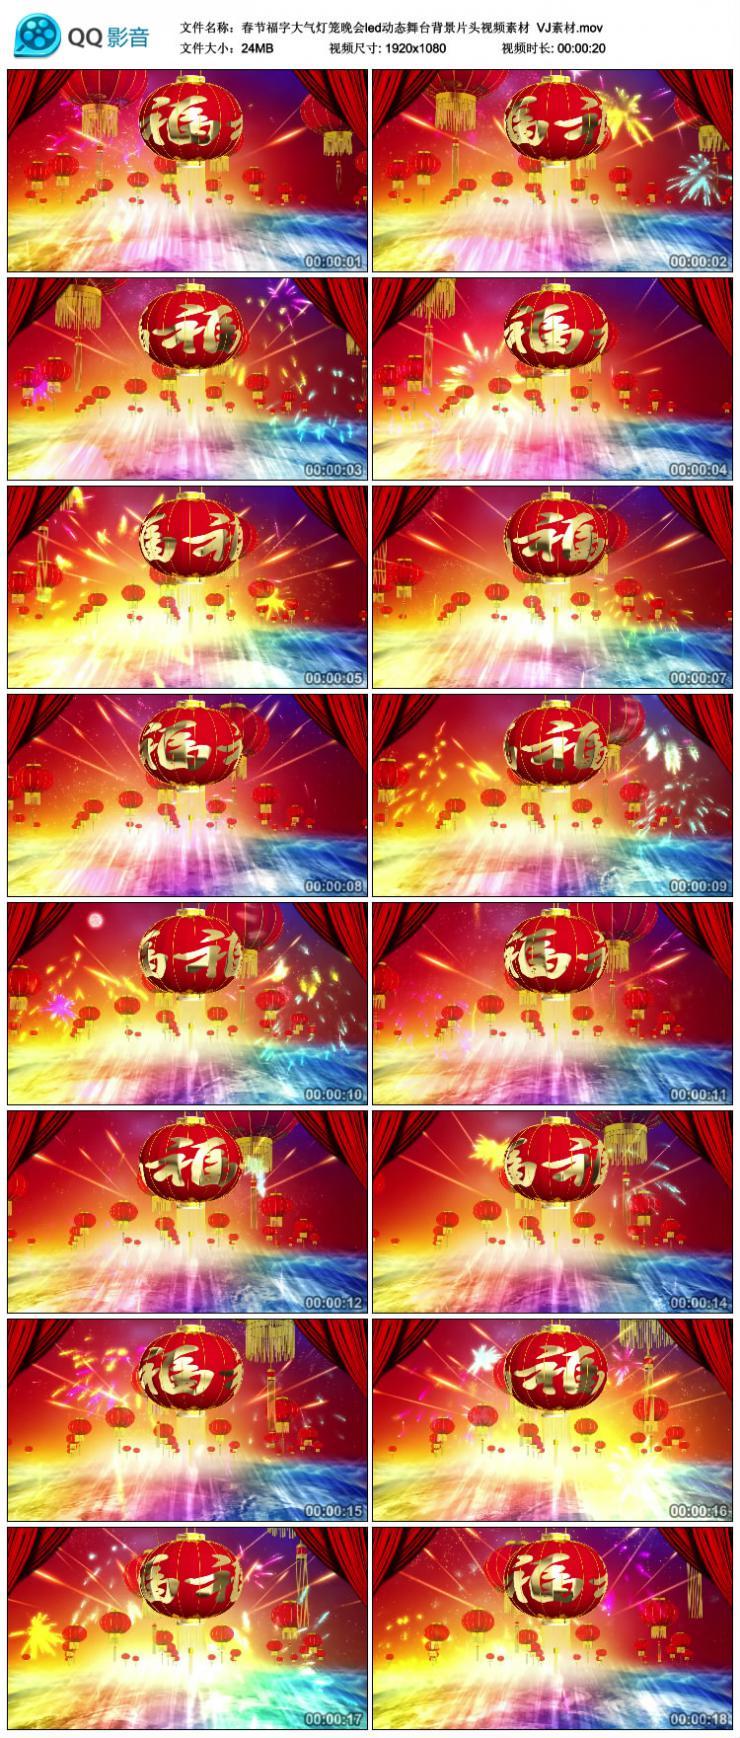 春节福字大气灯笼晚会led动态舞台背景片头视频素材  VJ素材